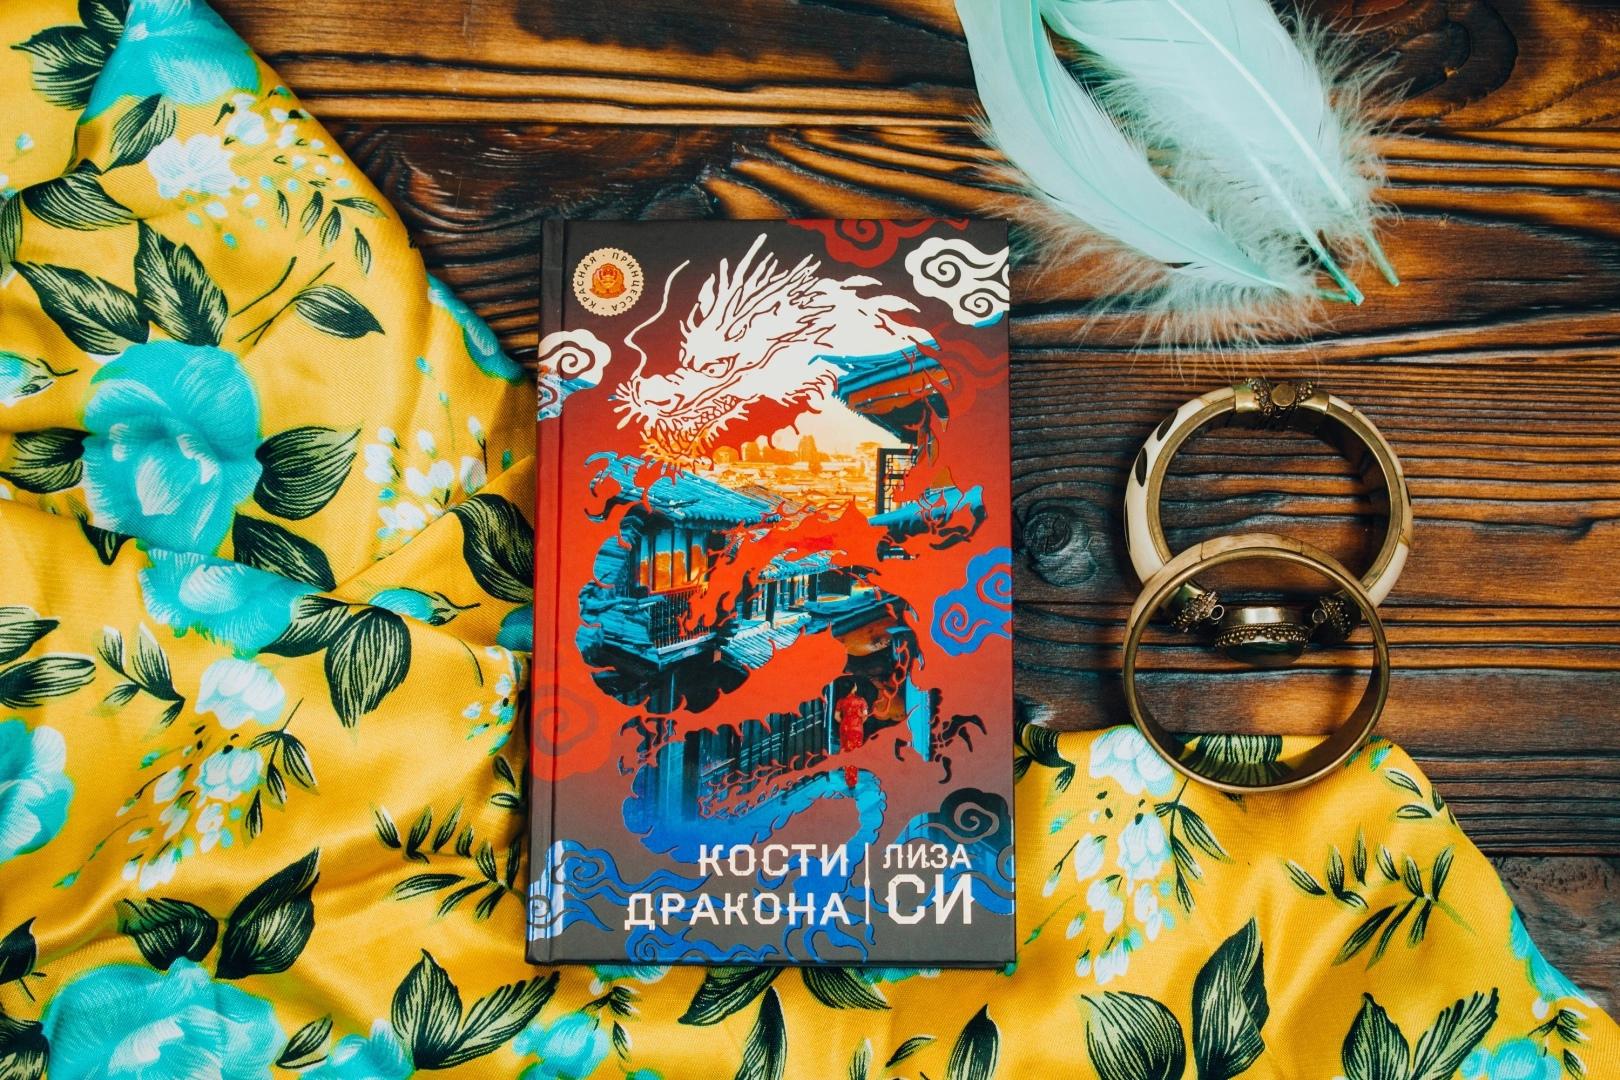 Книга «Кости дракона» опубликована в переводе преподавателя СПбГУ Натальи Власовой